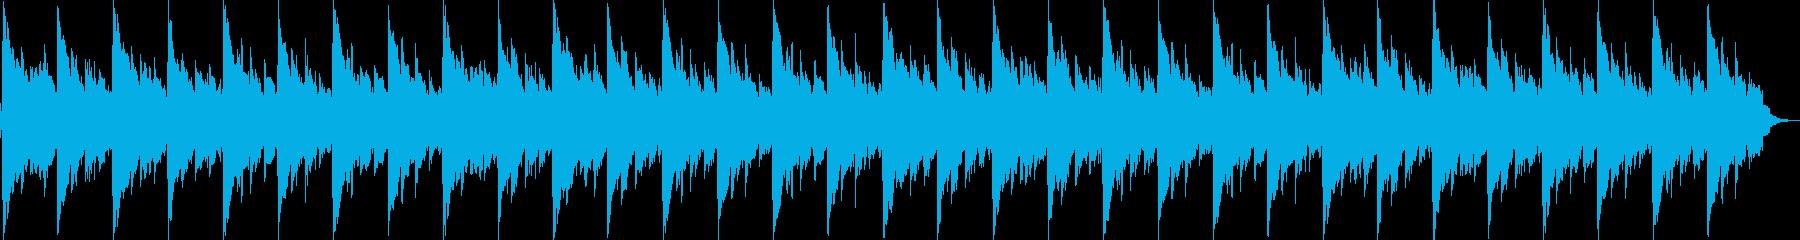 浮遊感のある短い曲です。の再生済みの波形